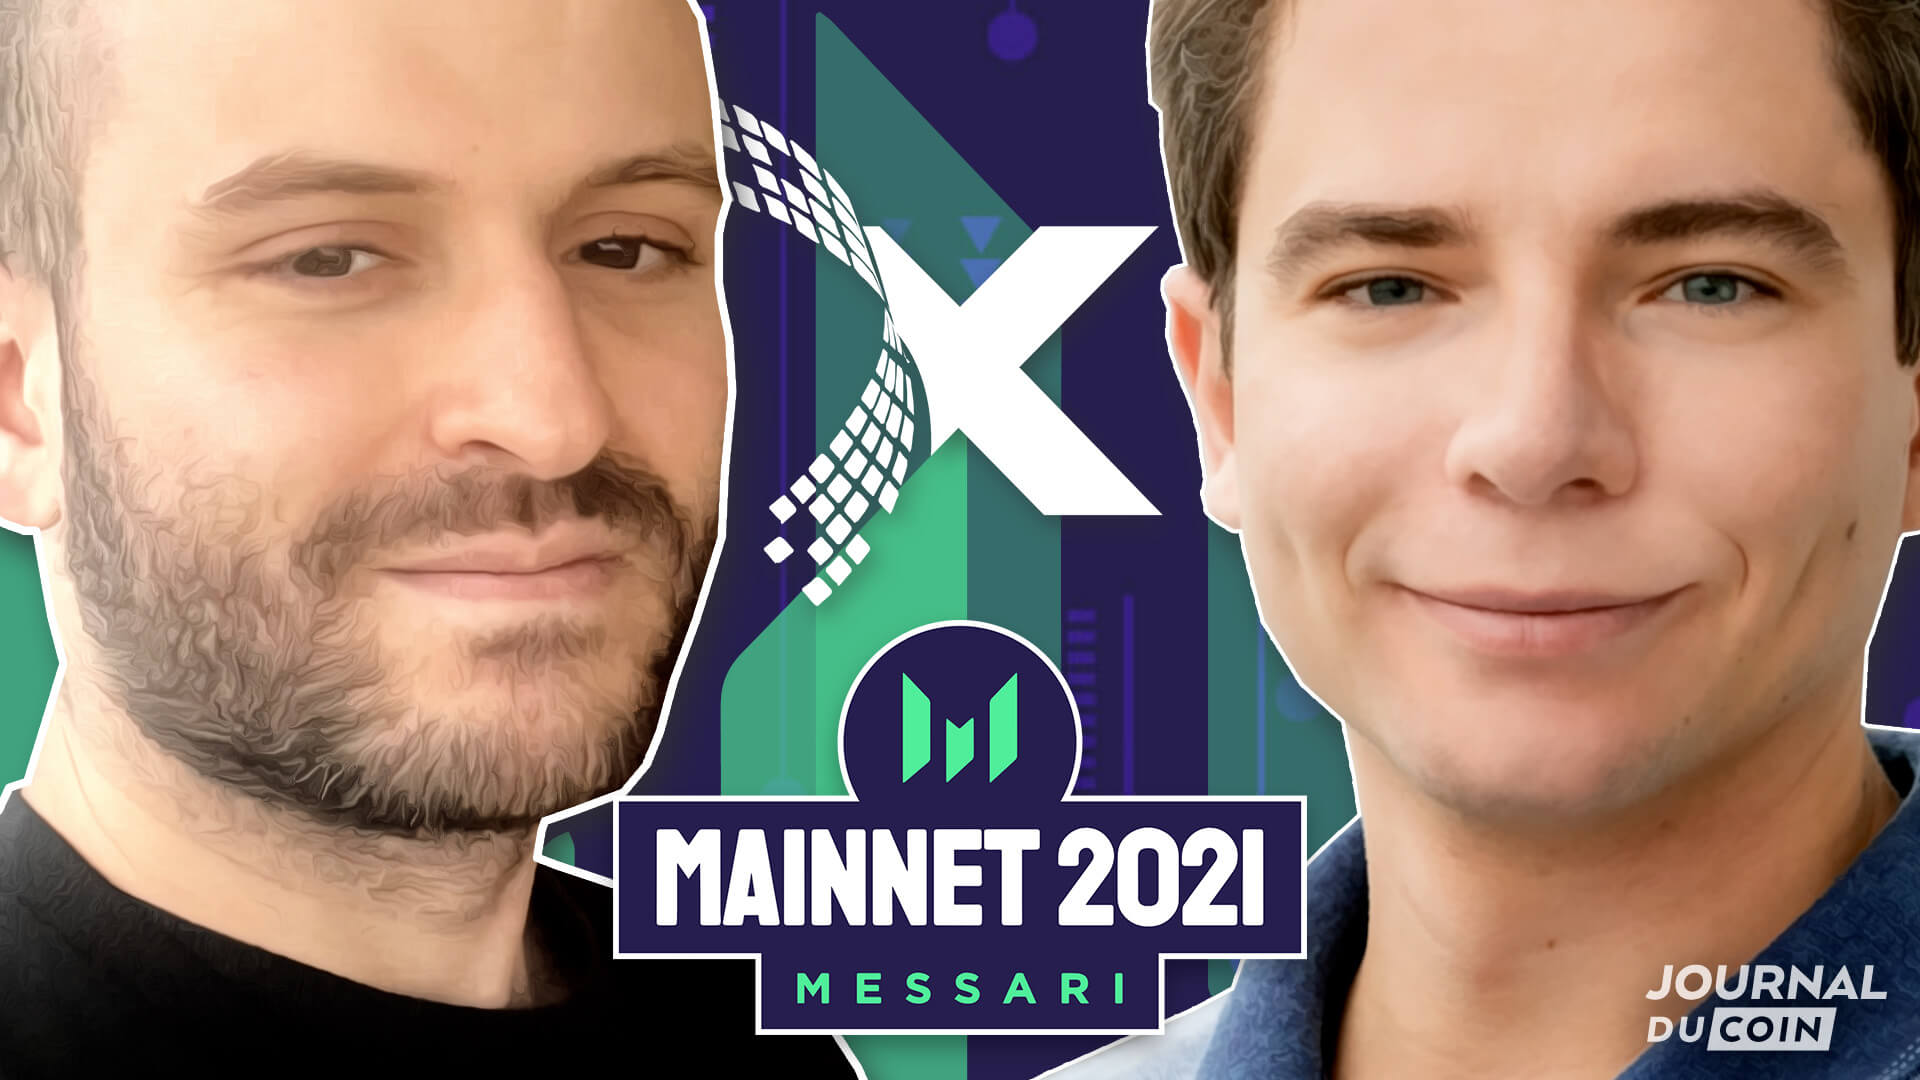 Axelar, le chaînon manquant qui libère la blockchain ? Entretien avec Sergey Gorbunov (Mainnet 2021)